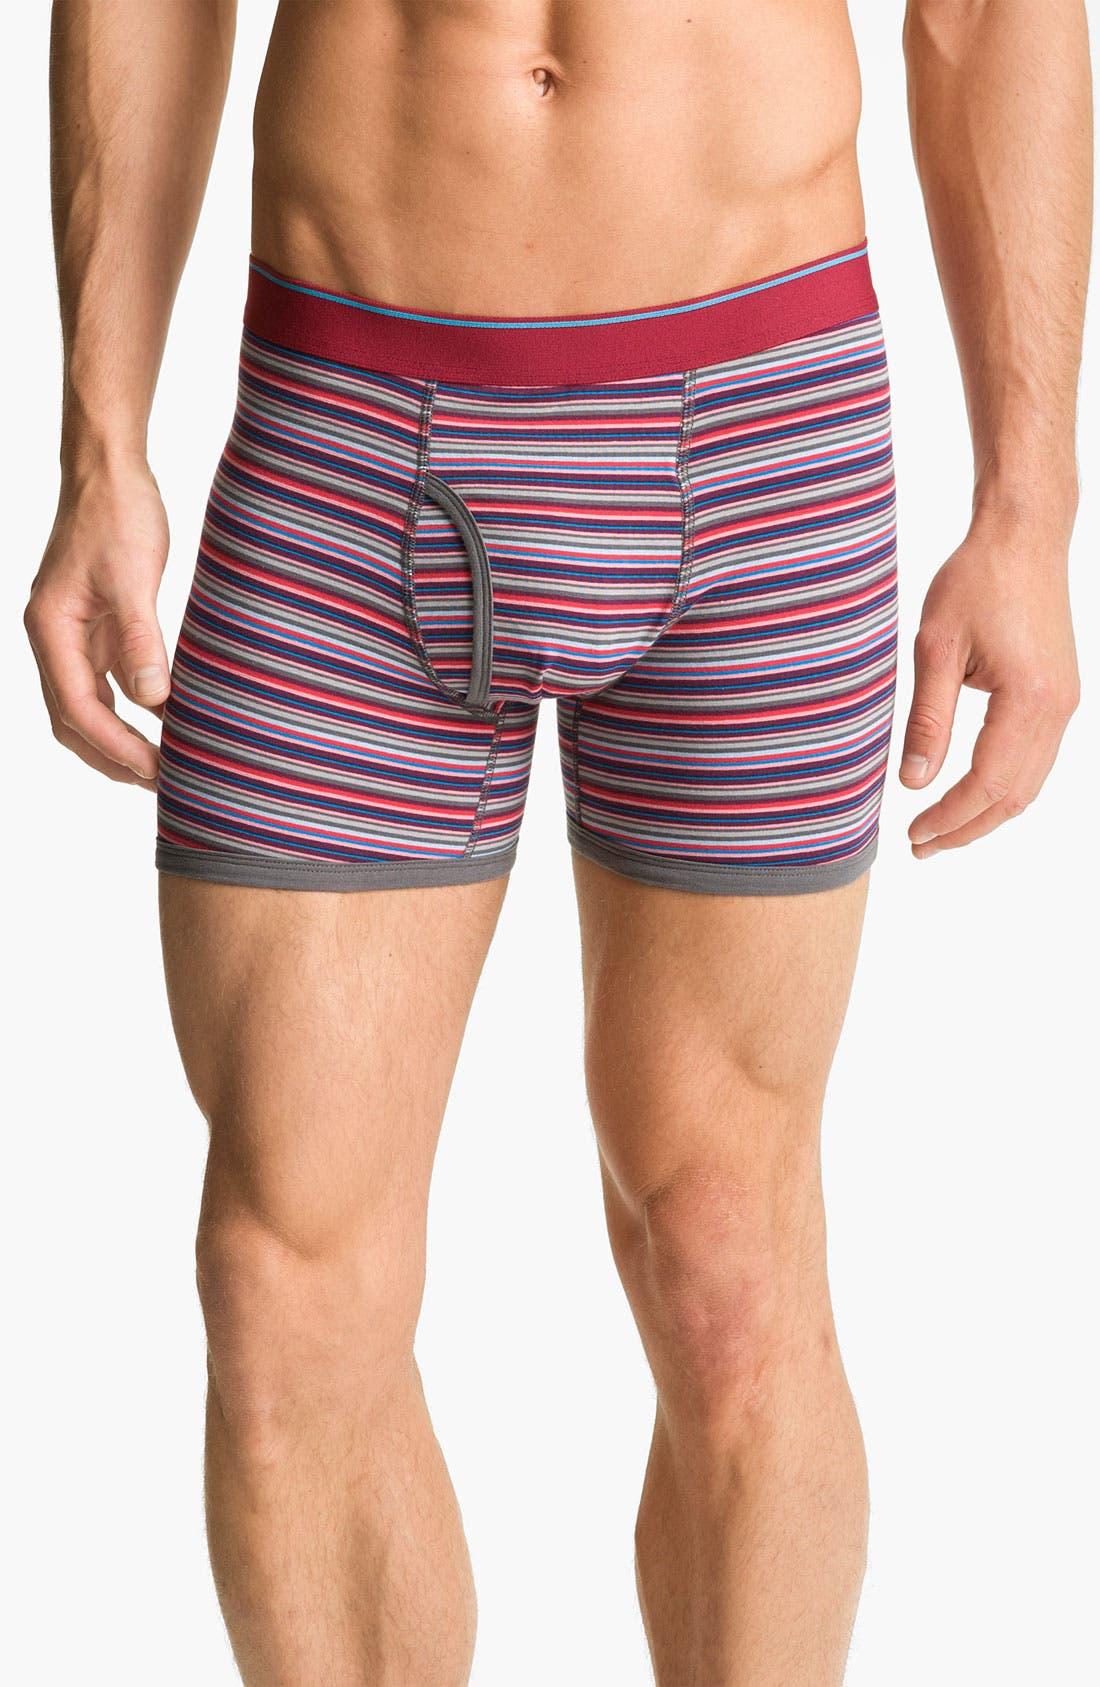 Main Image - Basic Underwear Novelty Stripe Boxer Briefs (3-Pack)